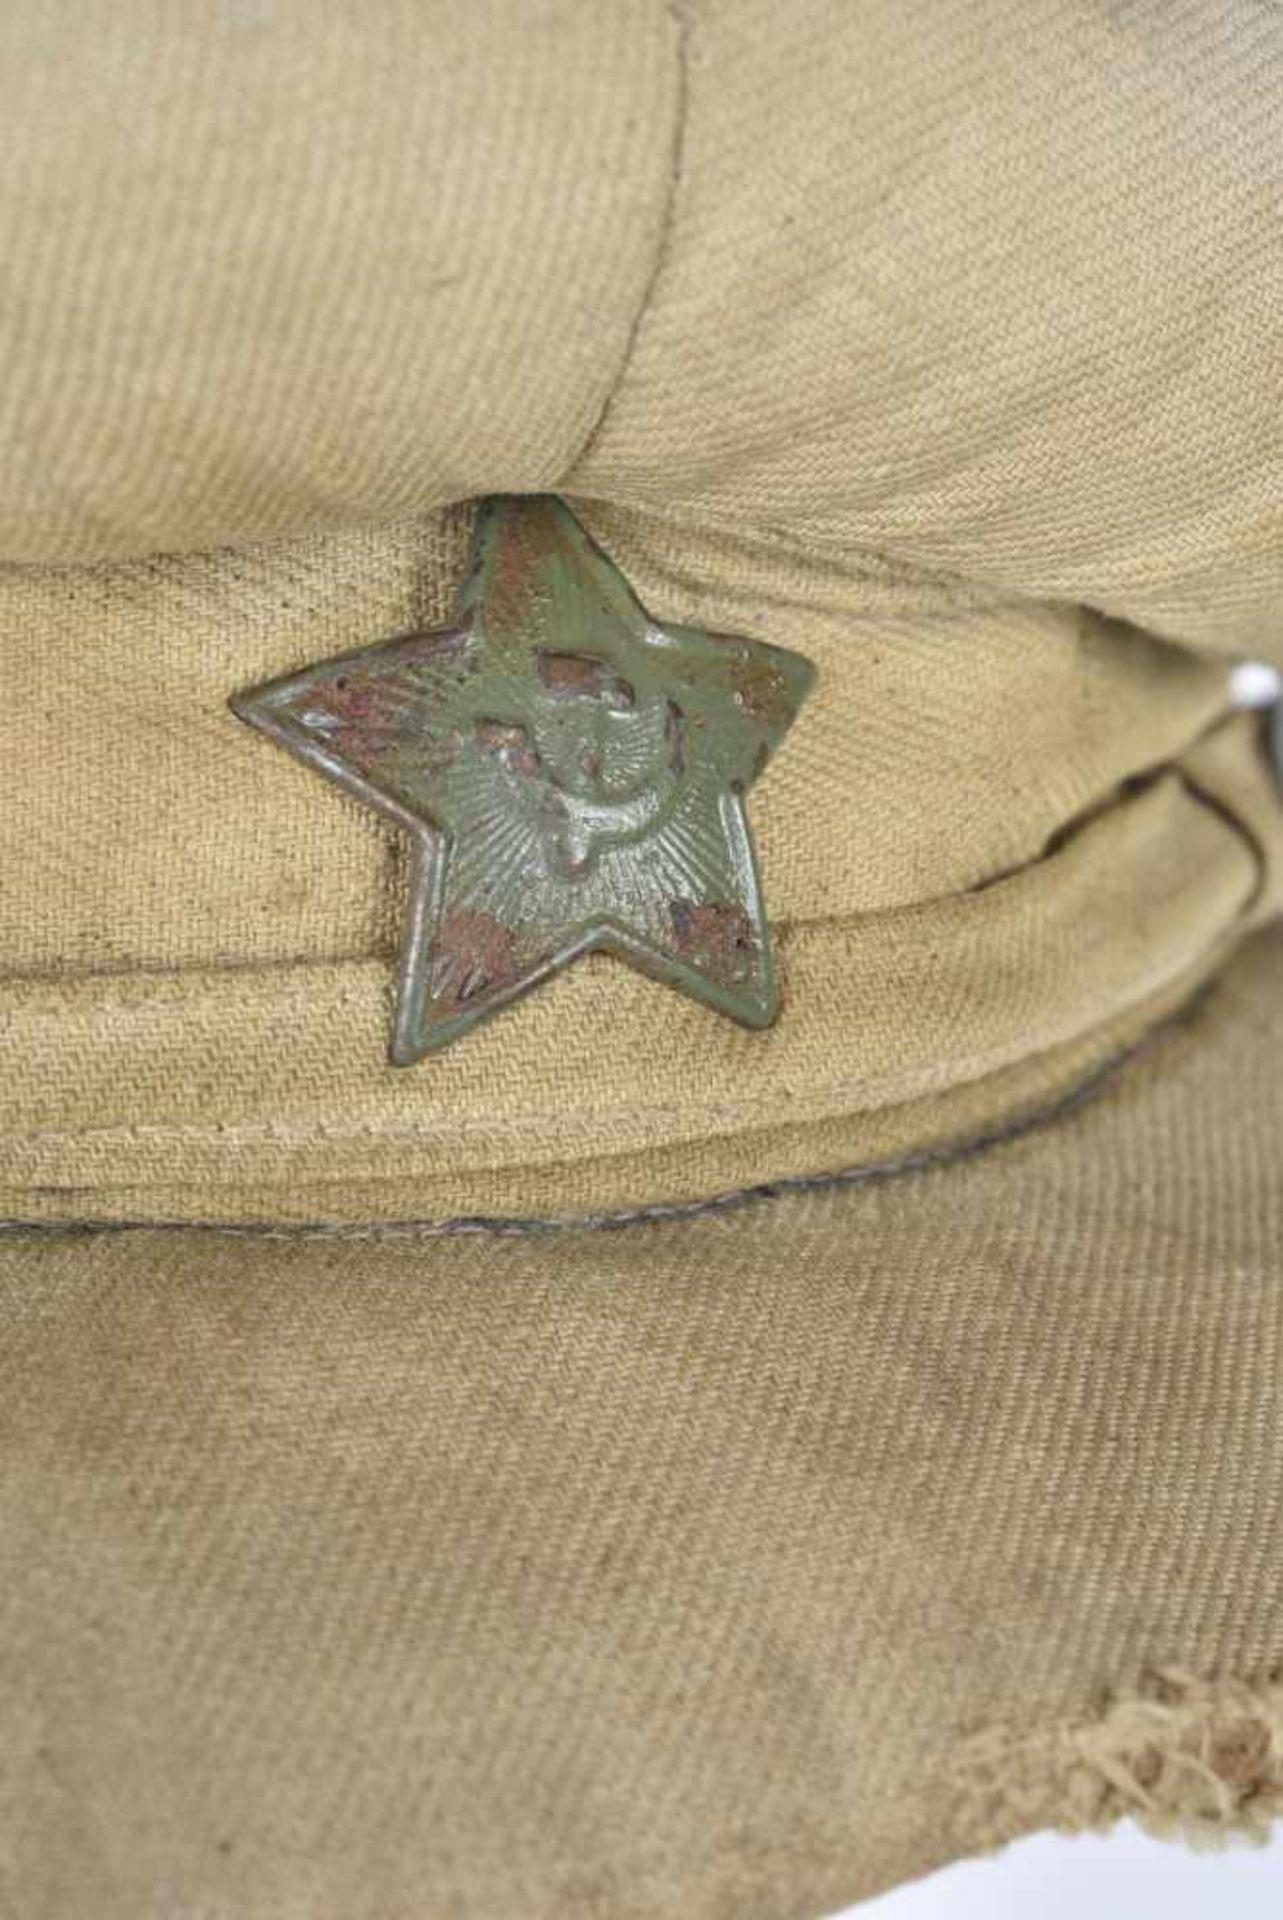 Casquette combat en toile modèle avant-guerre, étoile verte (régulation de août 1941), jugulaire - Bild 2 aus 4